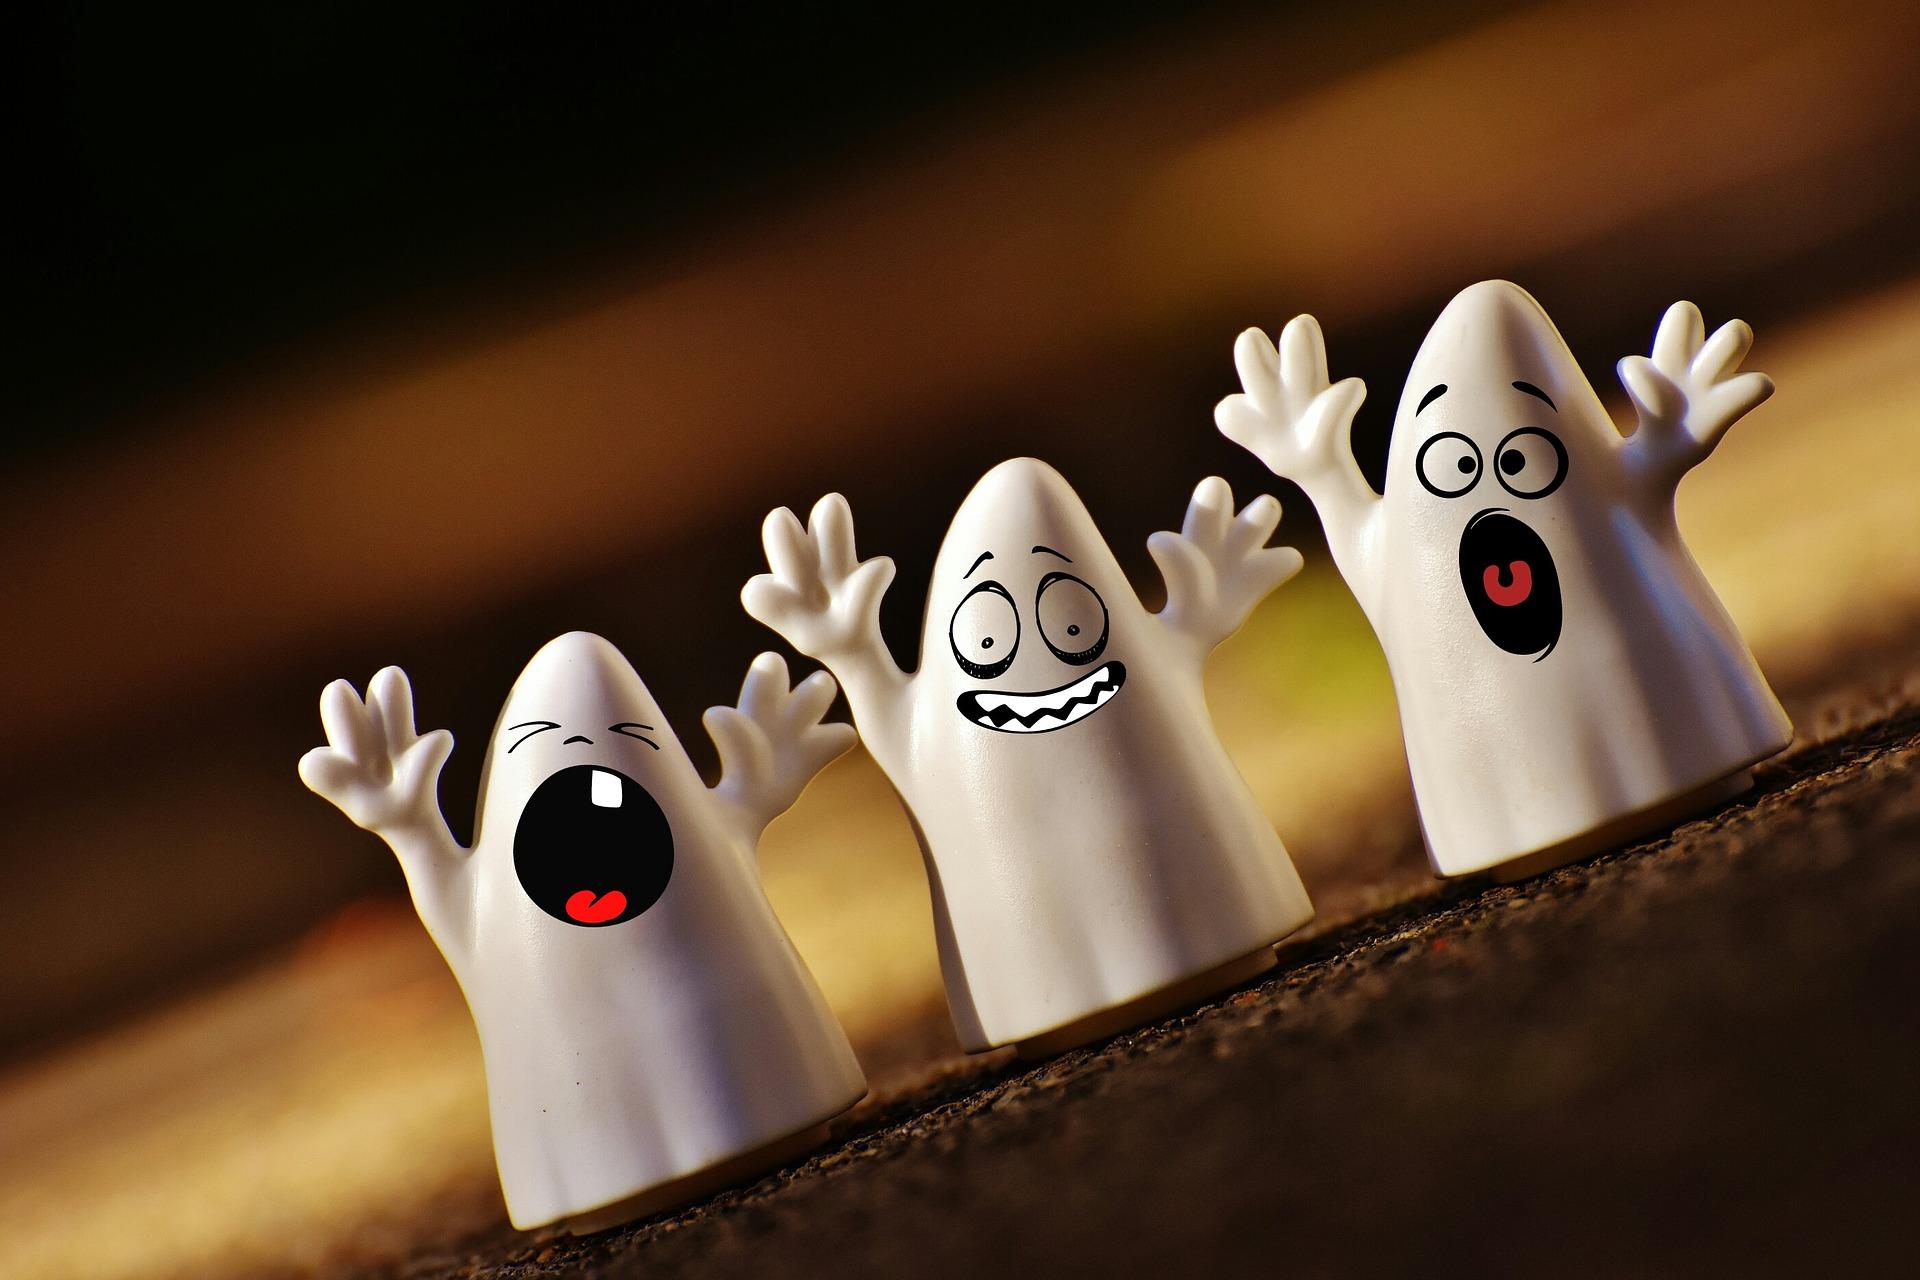 download wallpaper: gillende Halloween spookjes wallpaper